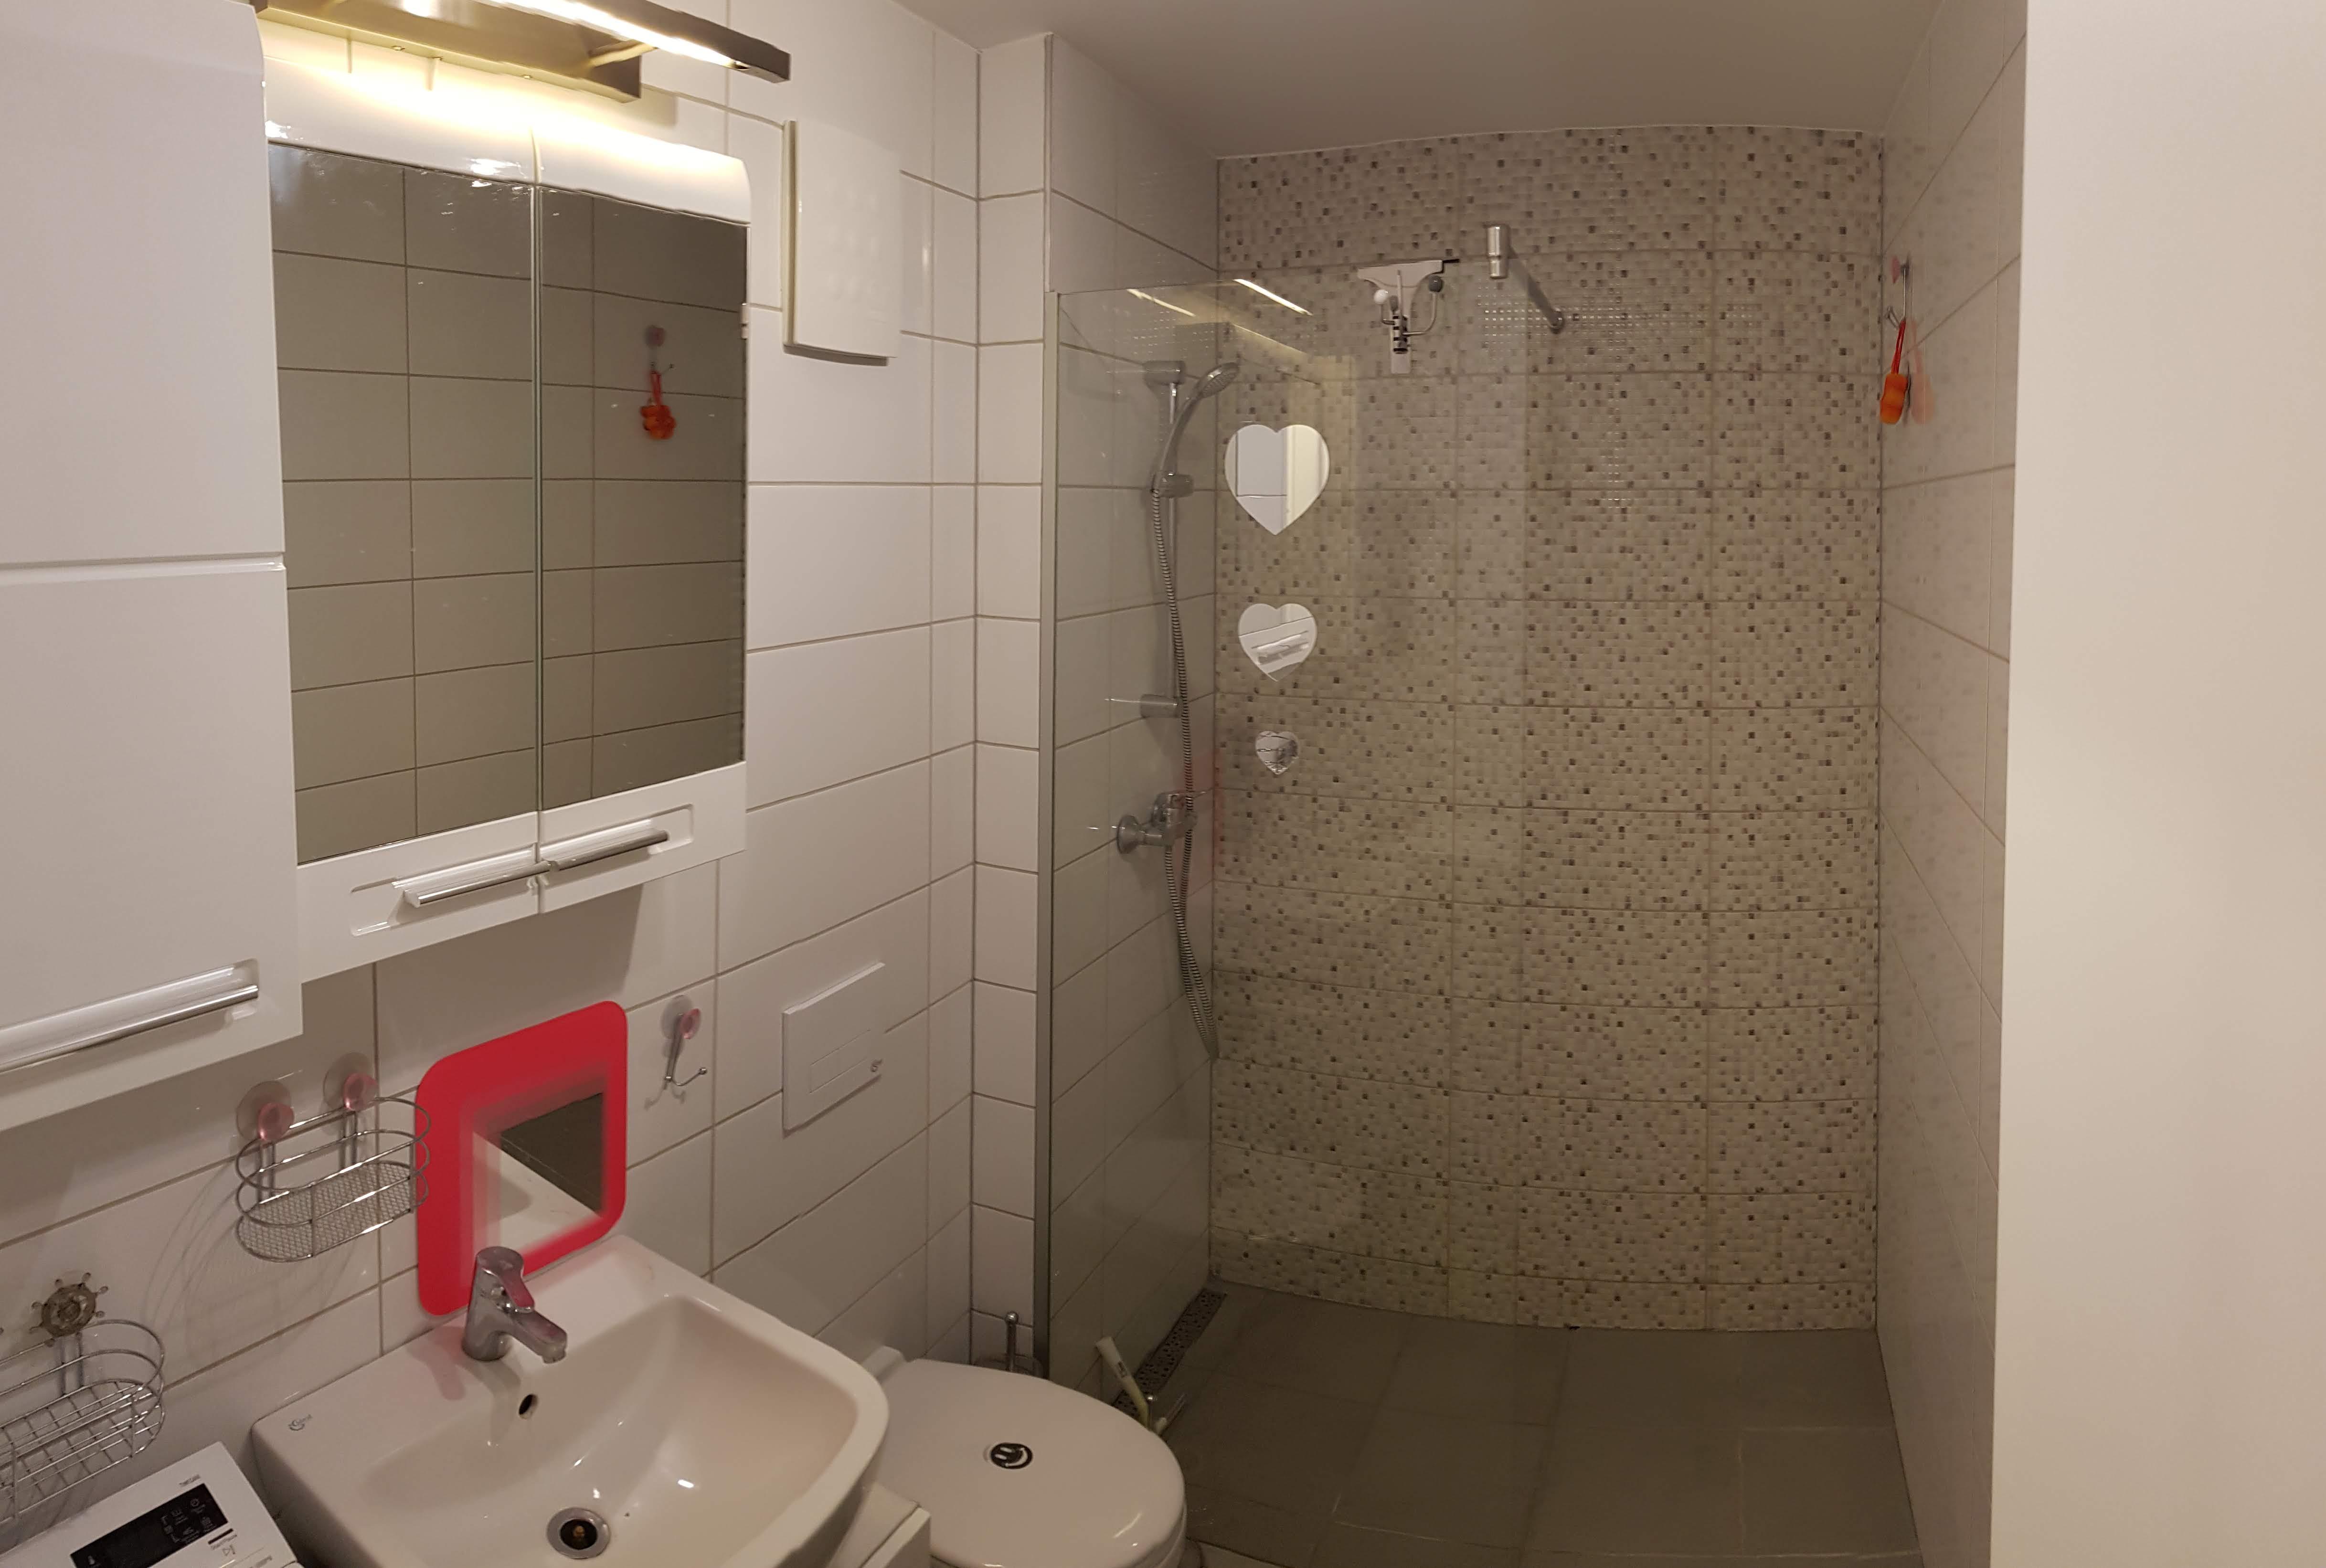 Prenajaté: Prenájom 2 izb. byt, Dornyk, Ružinov-Trnávka, 34,51m2, Pri Avione-11